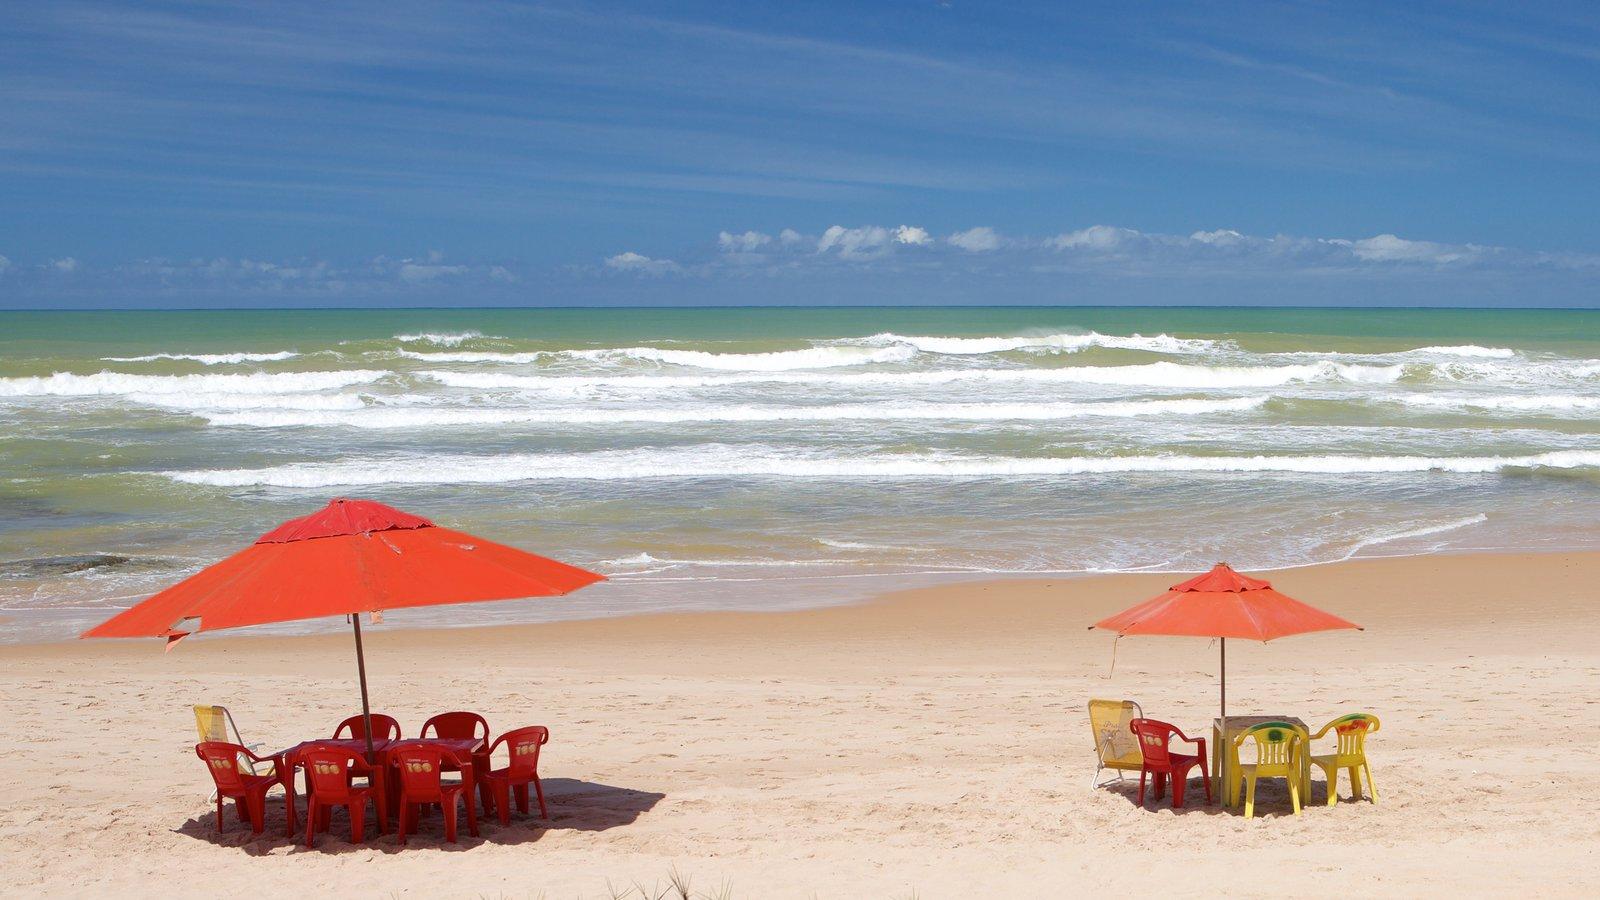 Flamengo Beach caracterizando uma praia, paisagens litorâneas e surfe